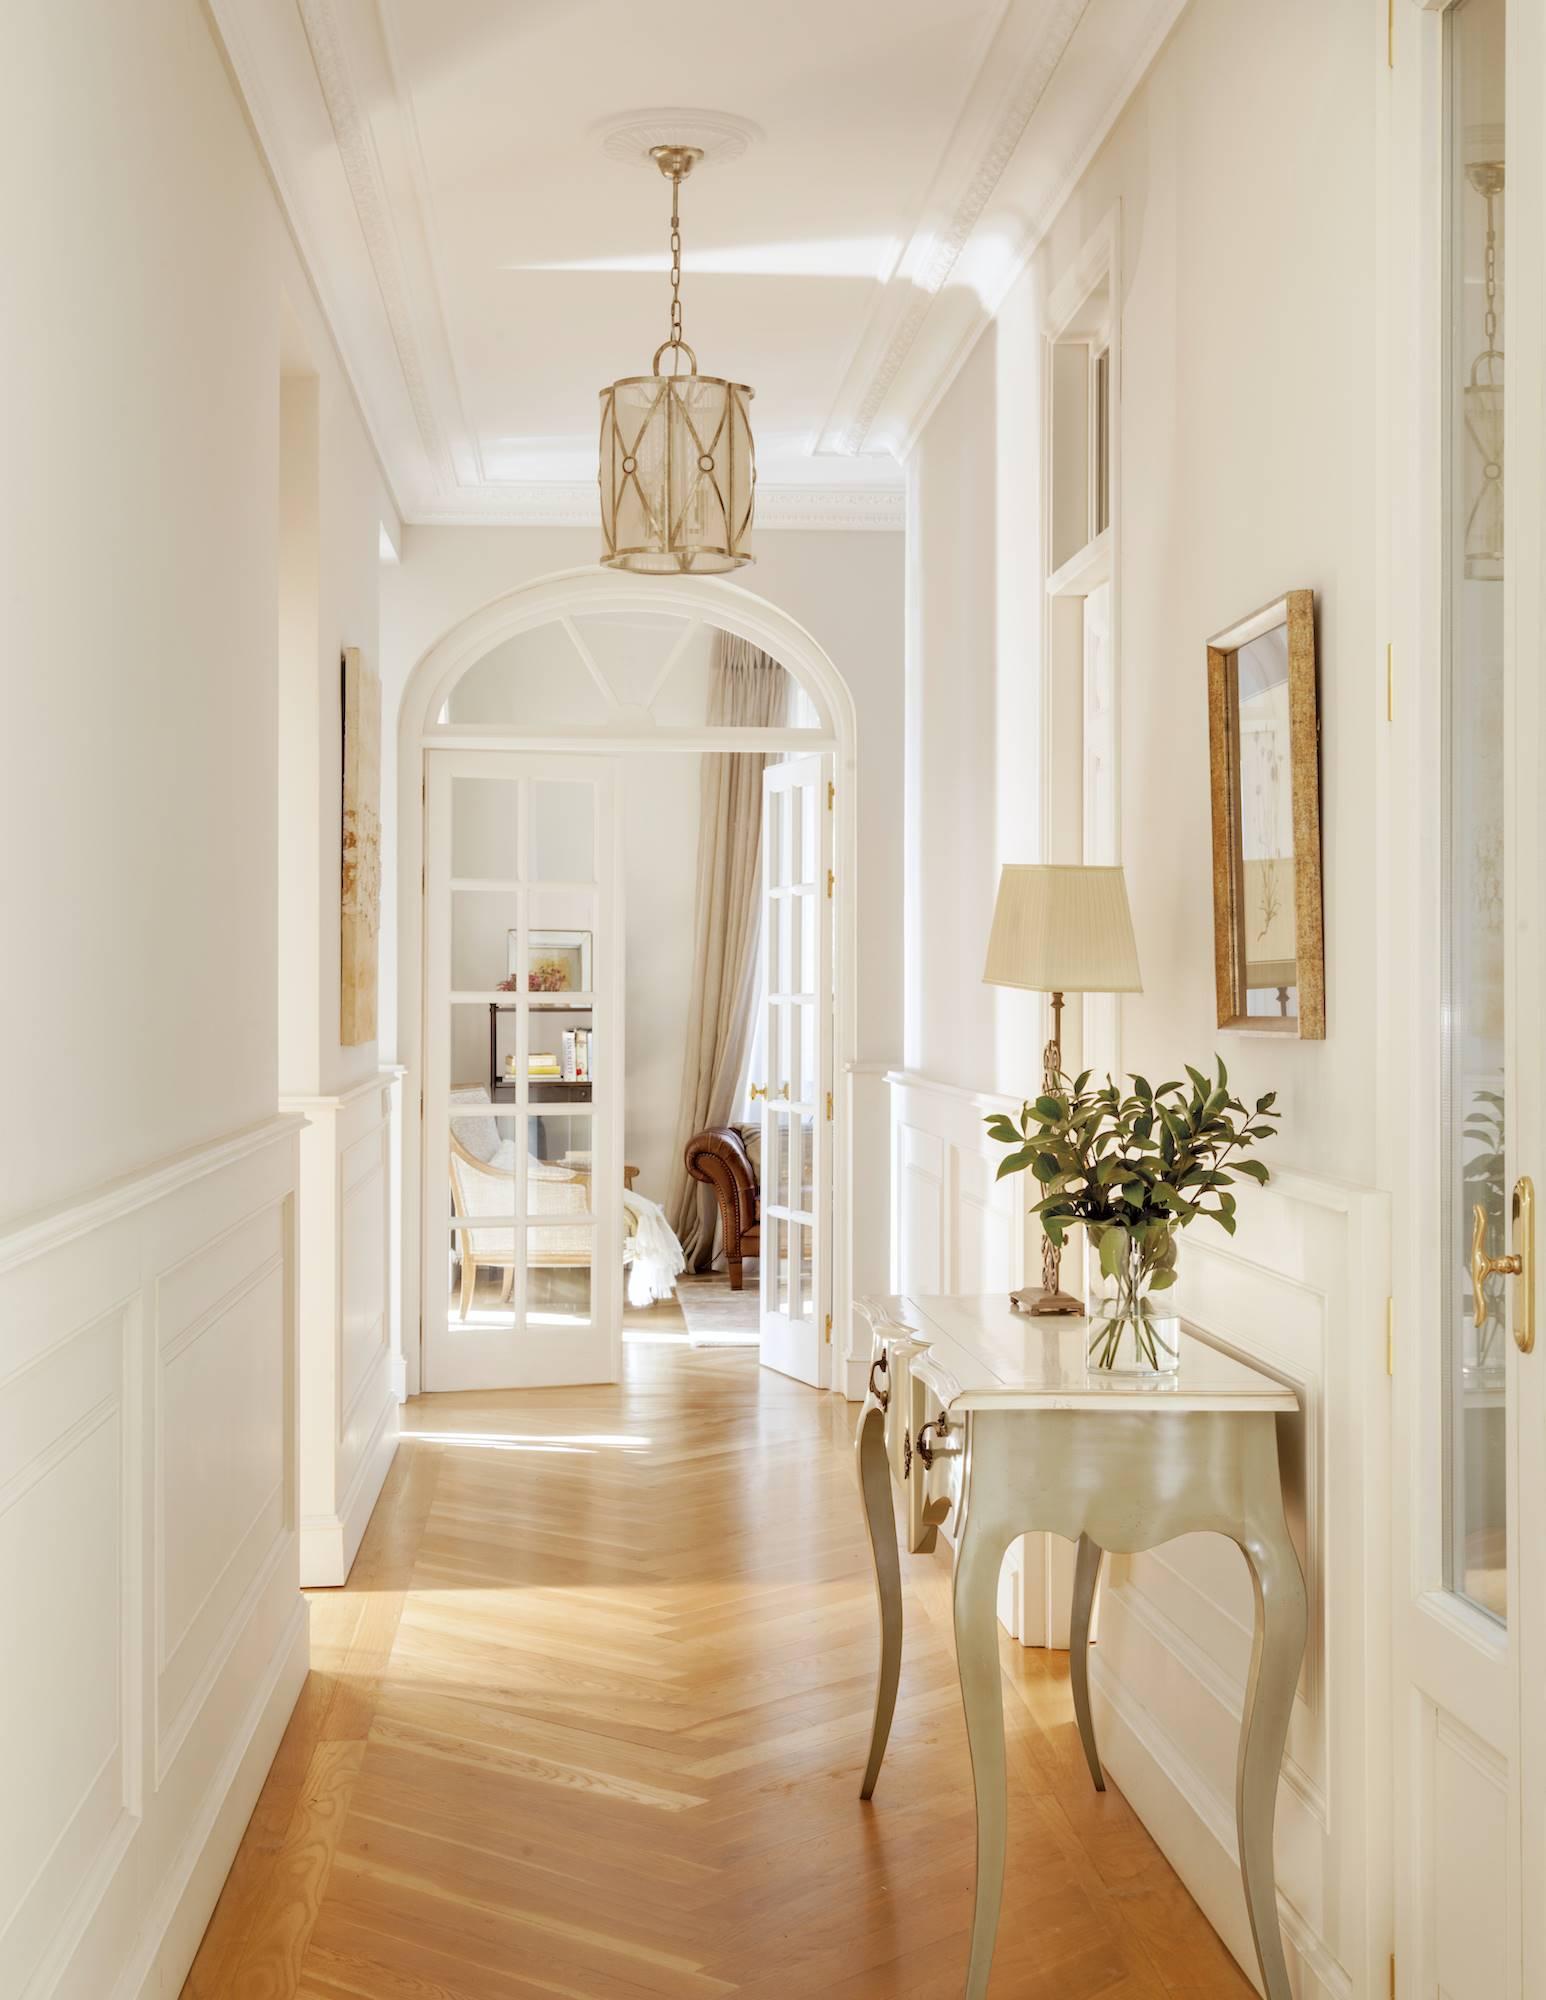 25 pasillos muy bien aprovechados - Decoracion de paredes de pasillos ...